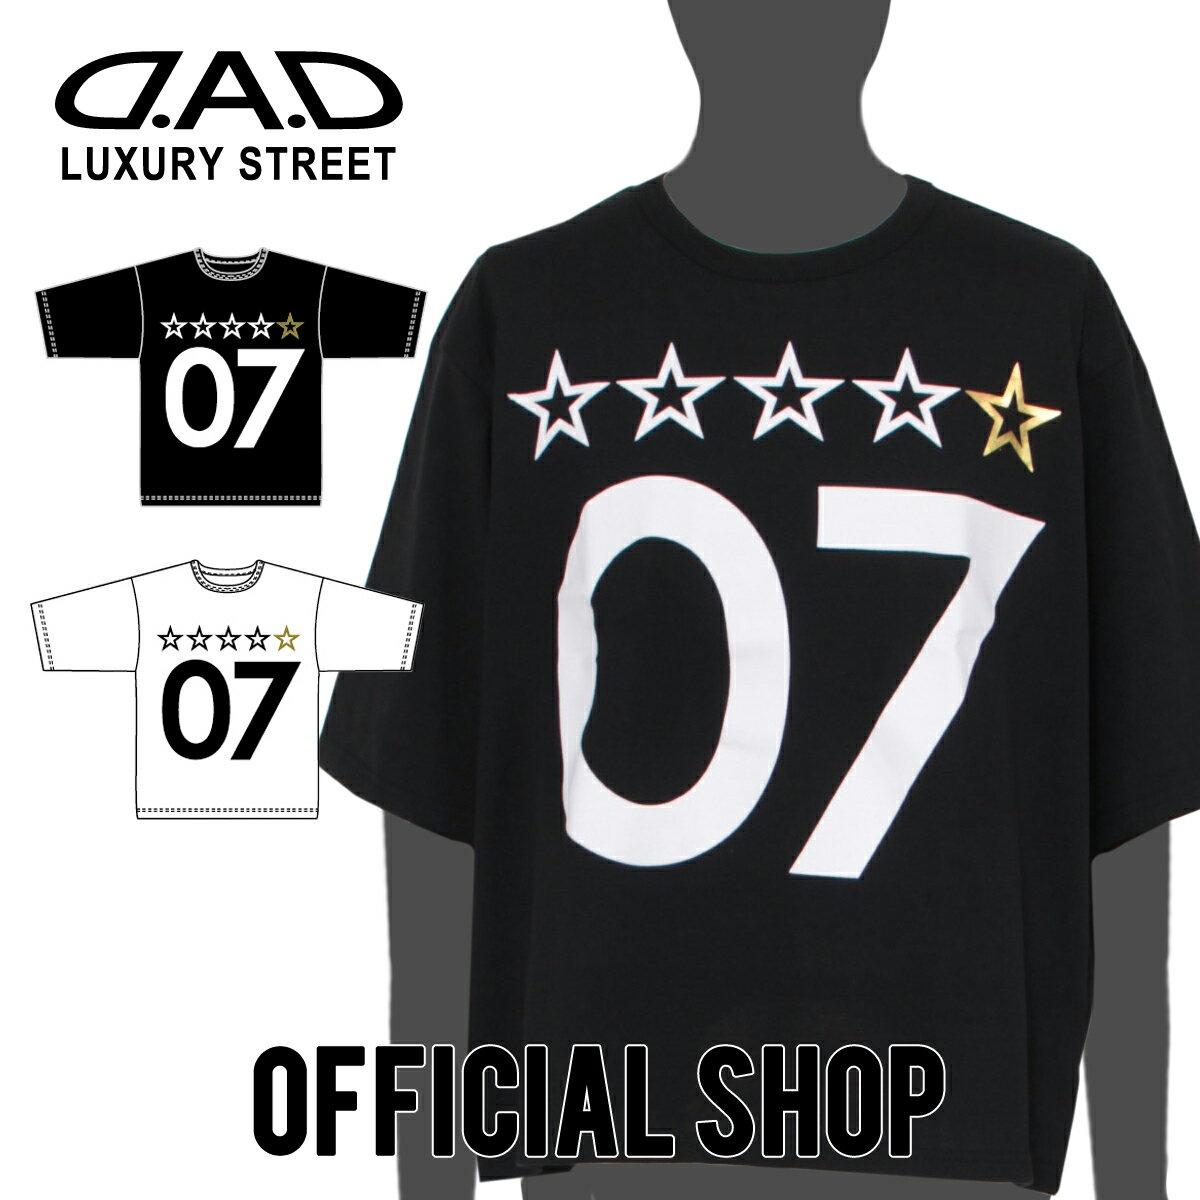 トップス, Tシャツ・カットソー DAD D.A.D LUXURY STREET T DK0042 GARSON